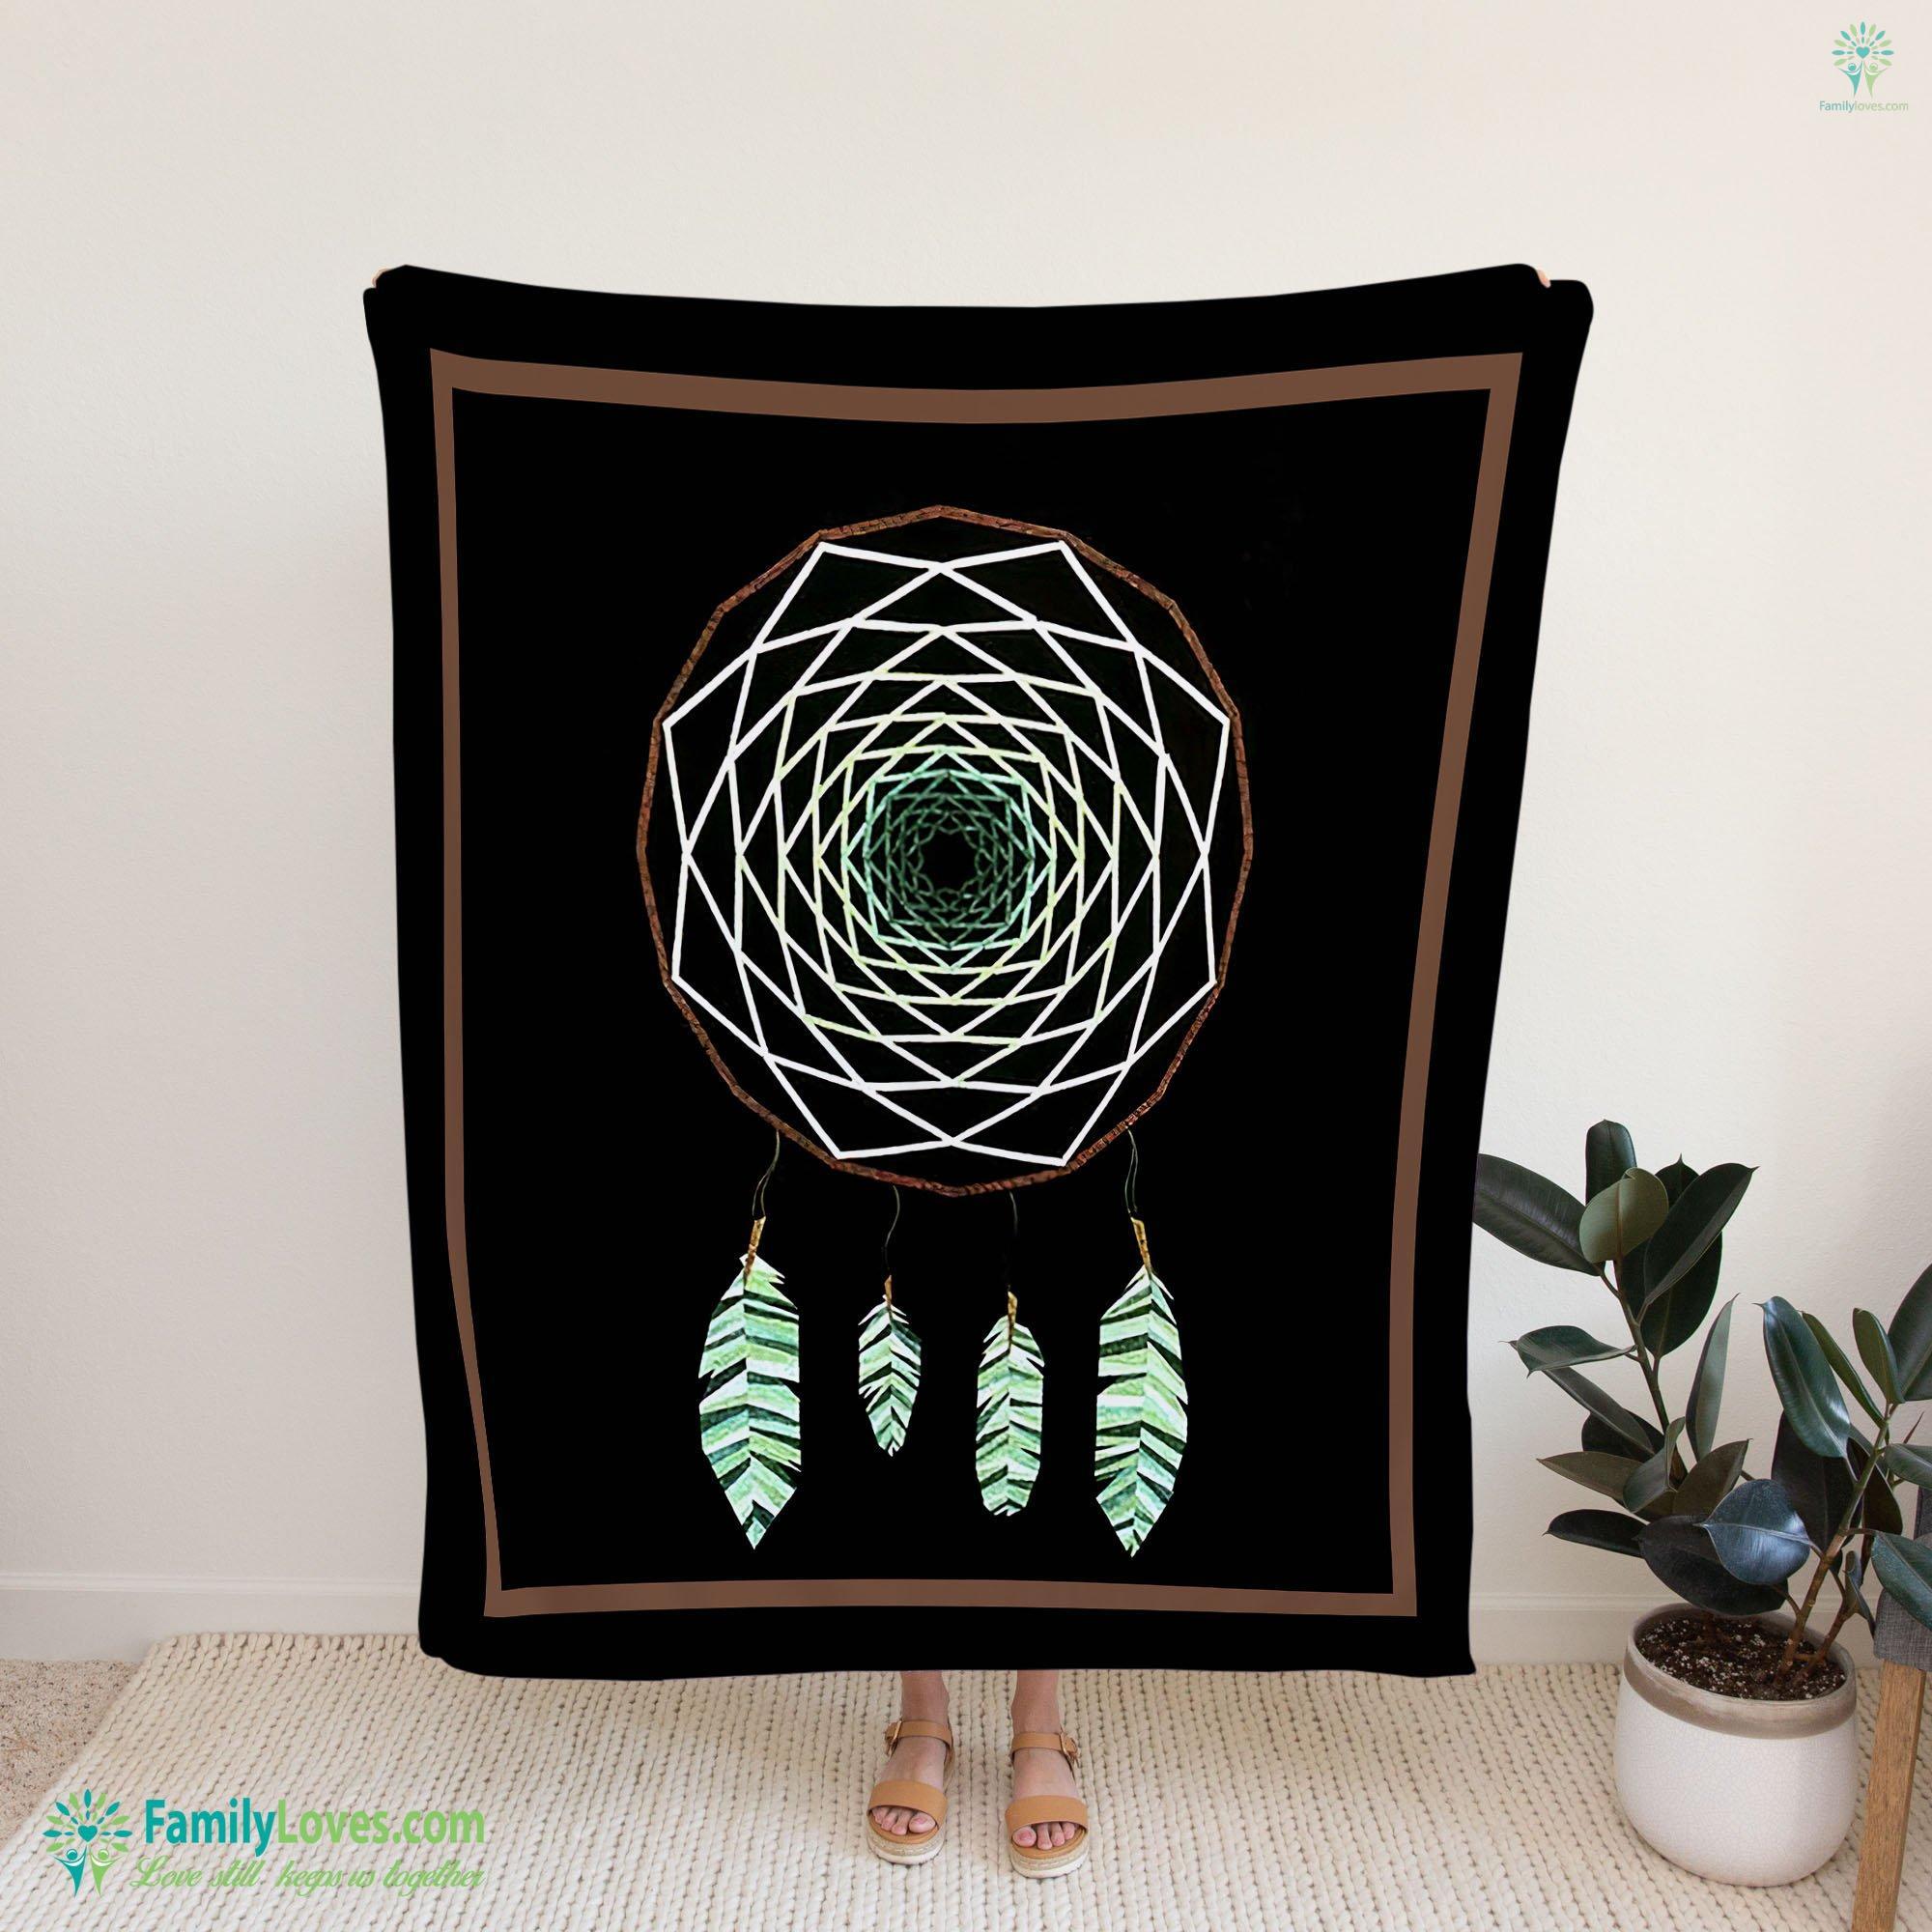 Dreamcatcher Blanket 11 Familyloves.com